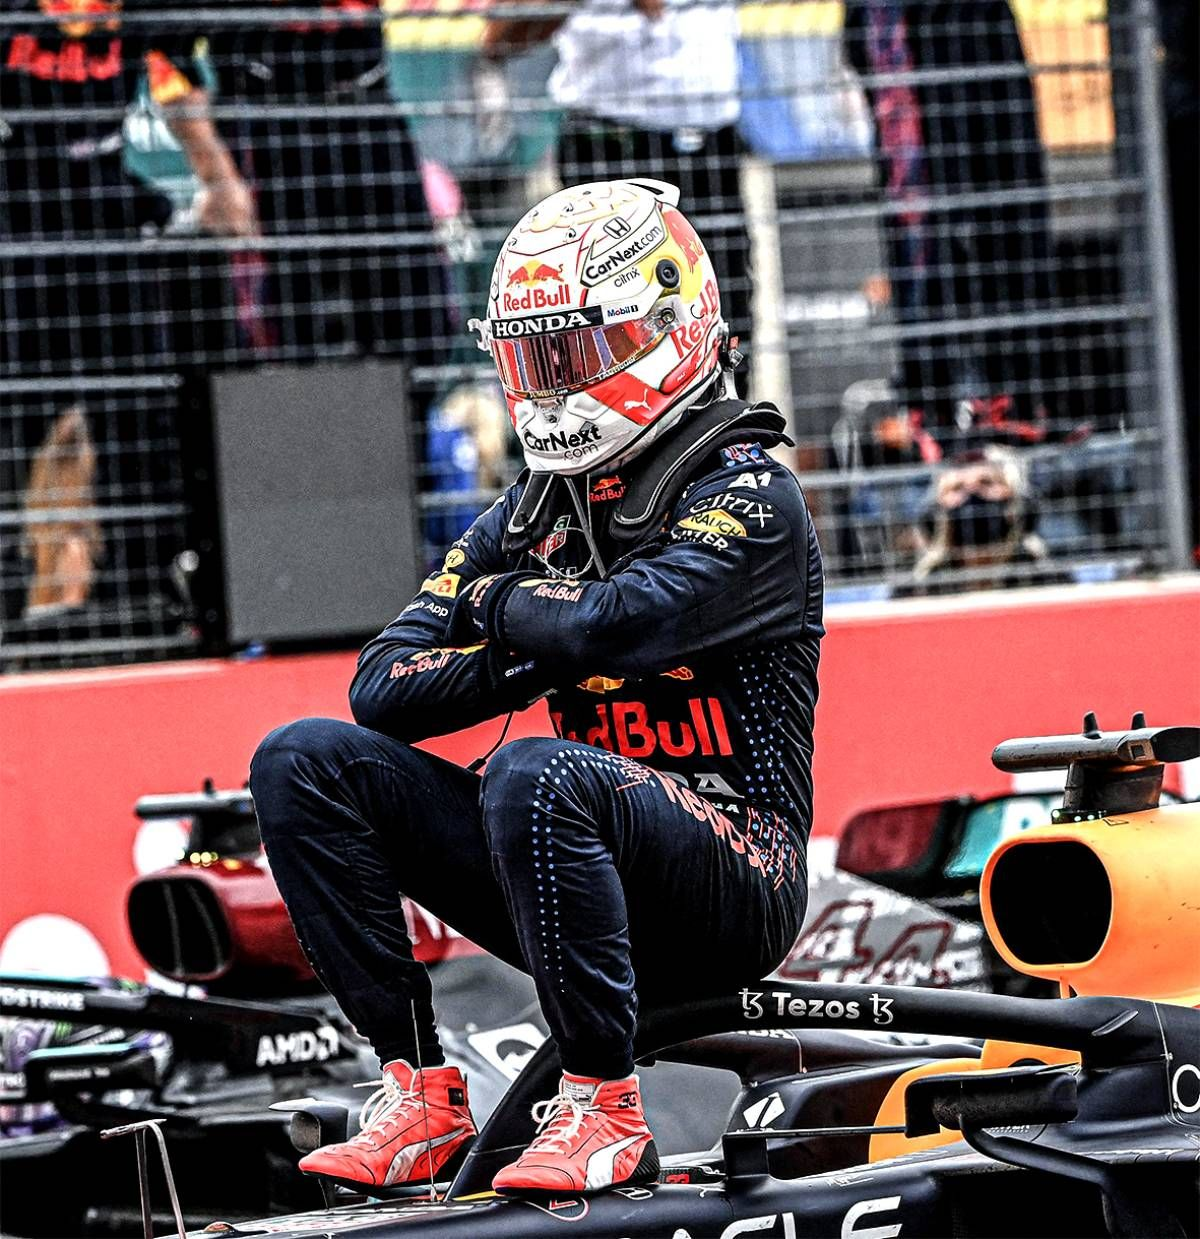 Max Verstappen logró una gran victoria y lidera la Fórmula 1.